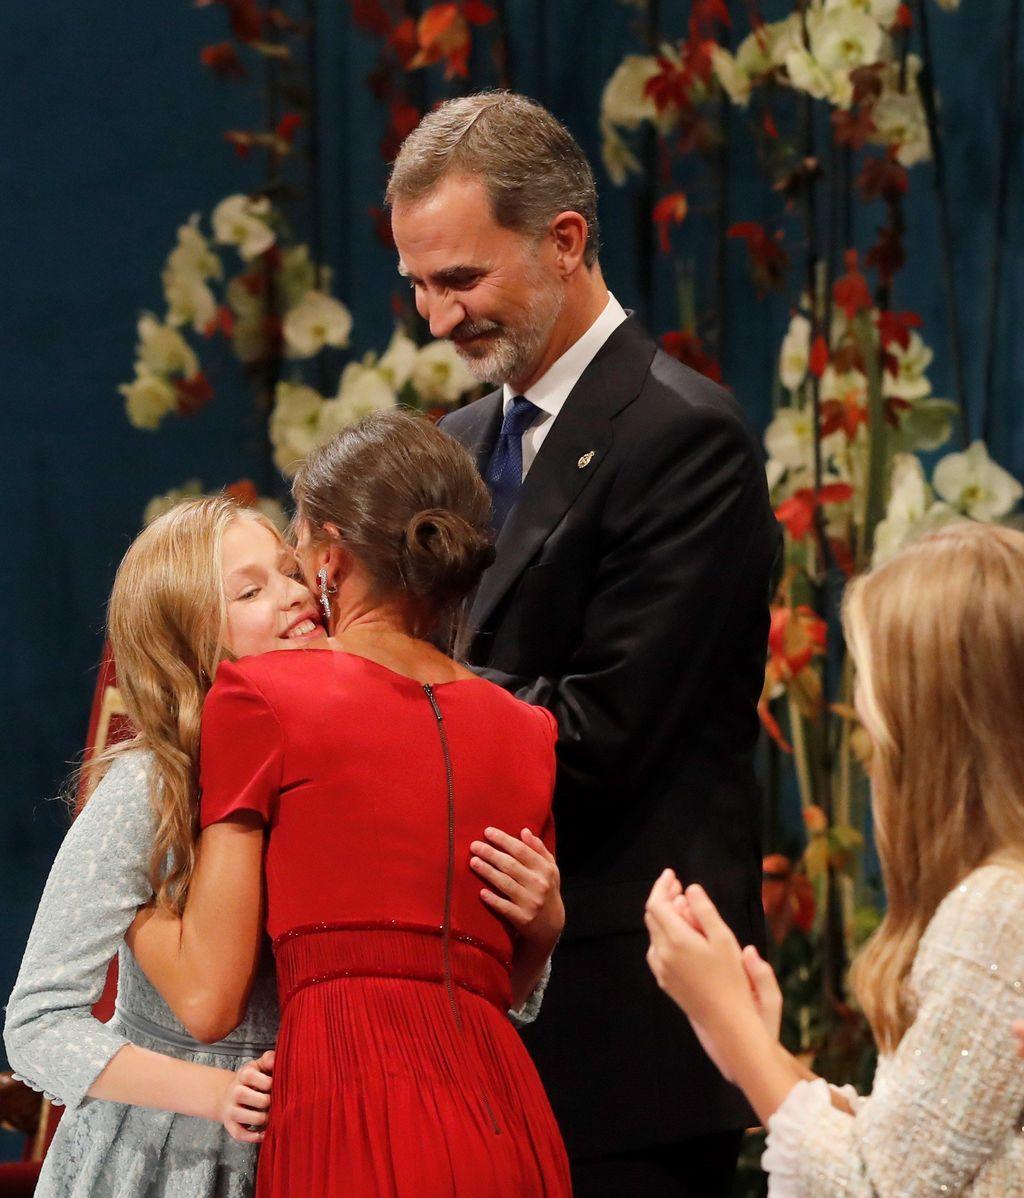 La princesa Leonor es felicitada por los reyes Felipe y Letizia, tras pronunciar su discurso en la ceremonia de entrega